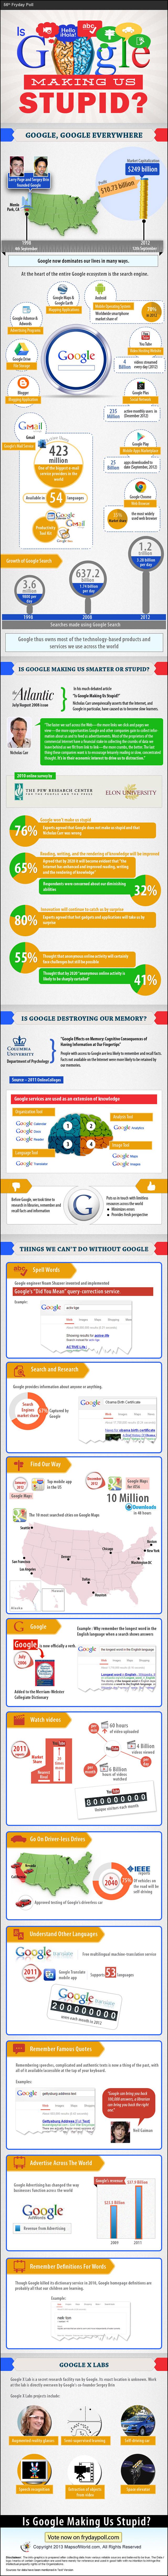 Is Google Making us Stupid?